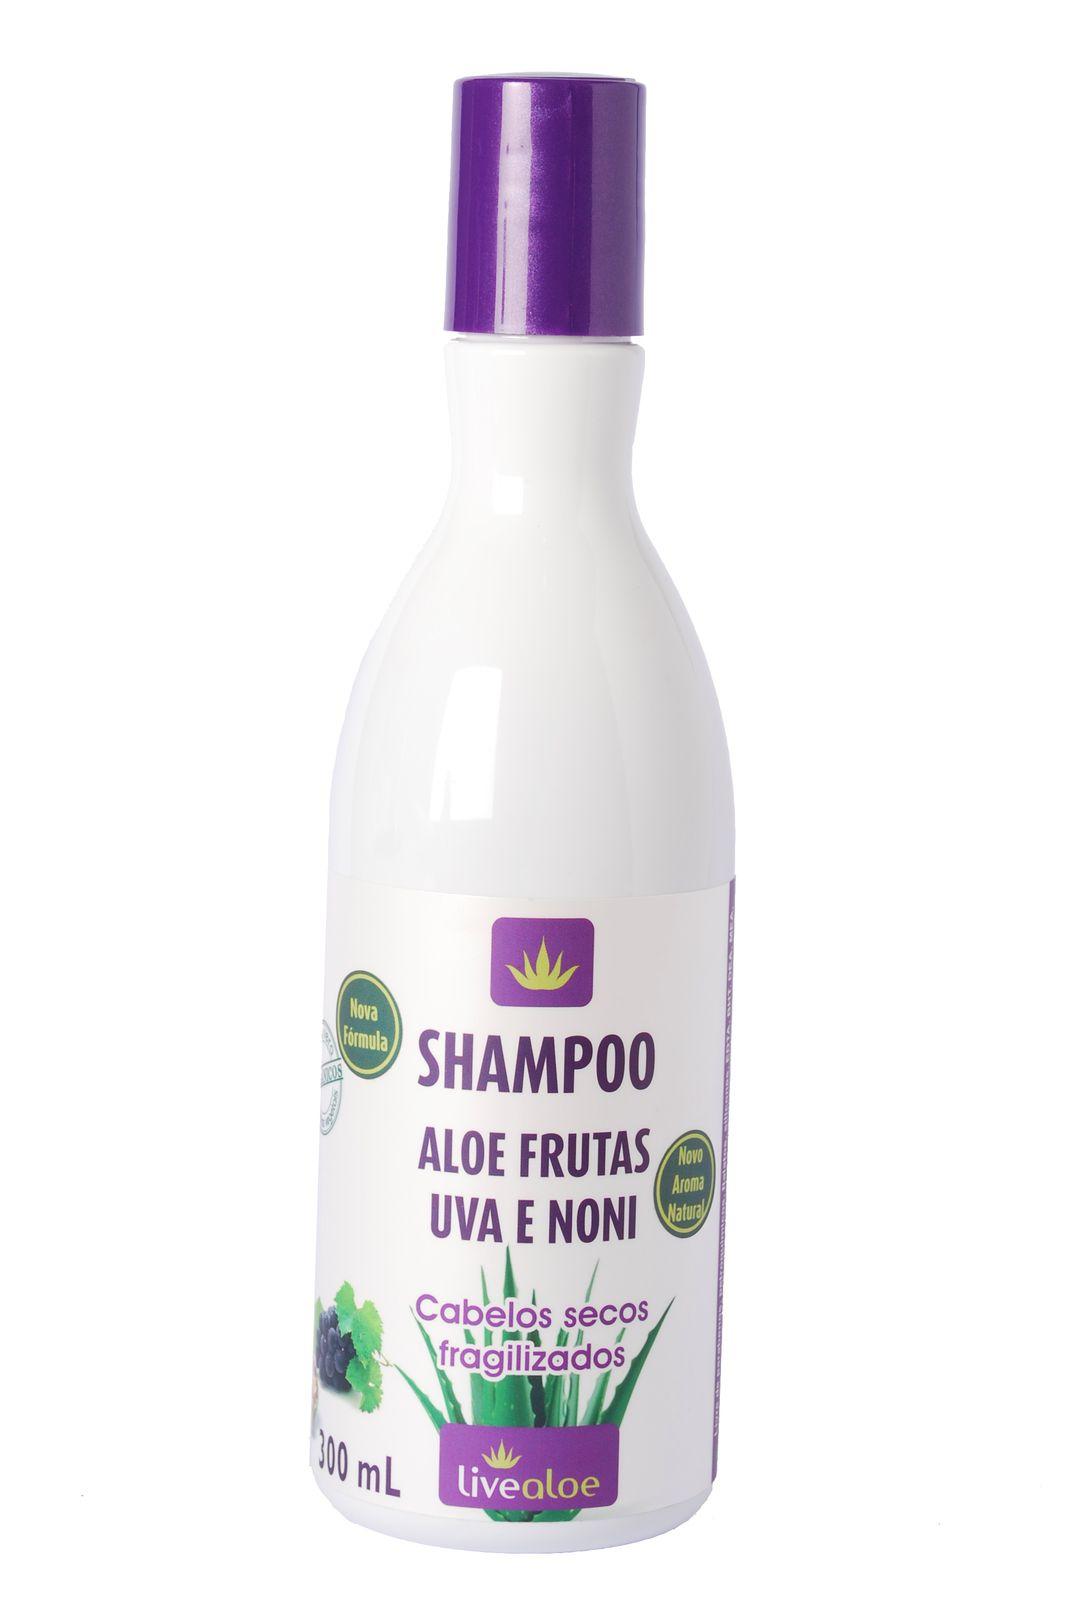 Shampoo Aloe Frutas Uva e Noni Livealoe - 300ml